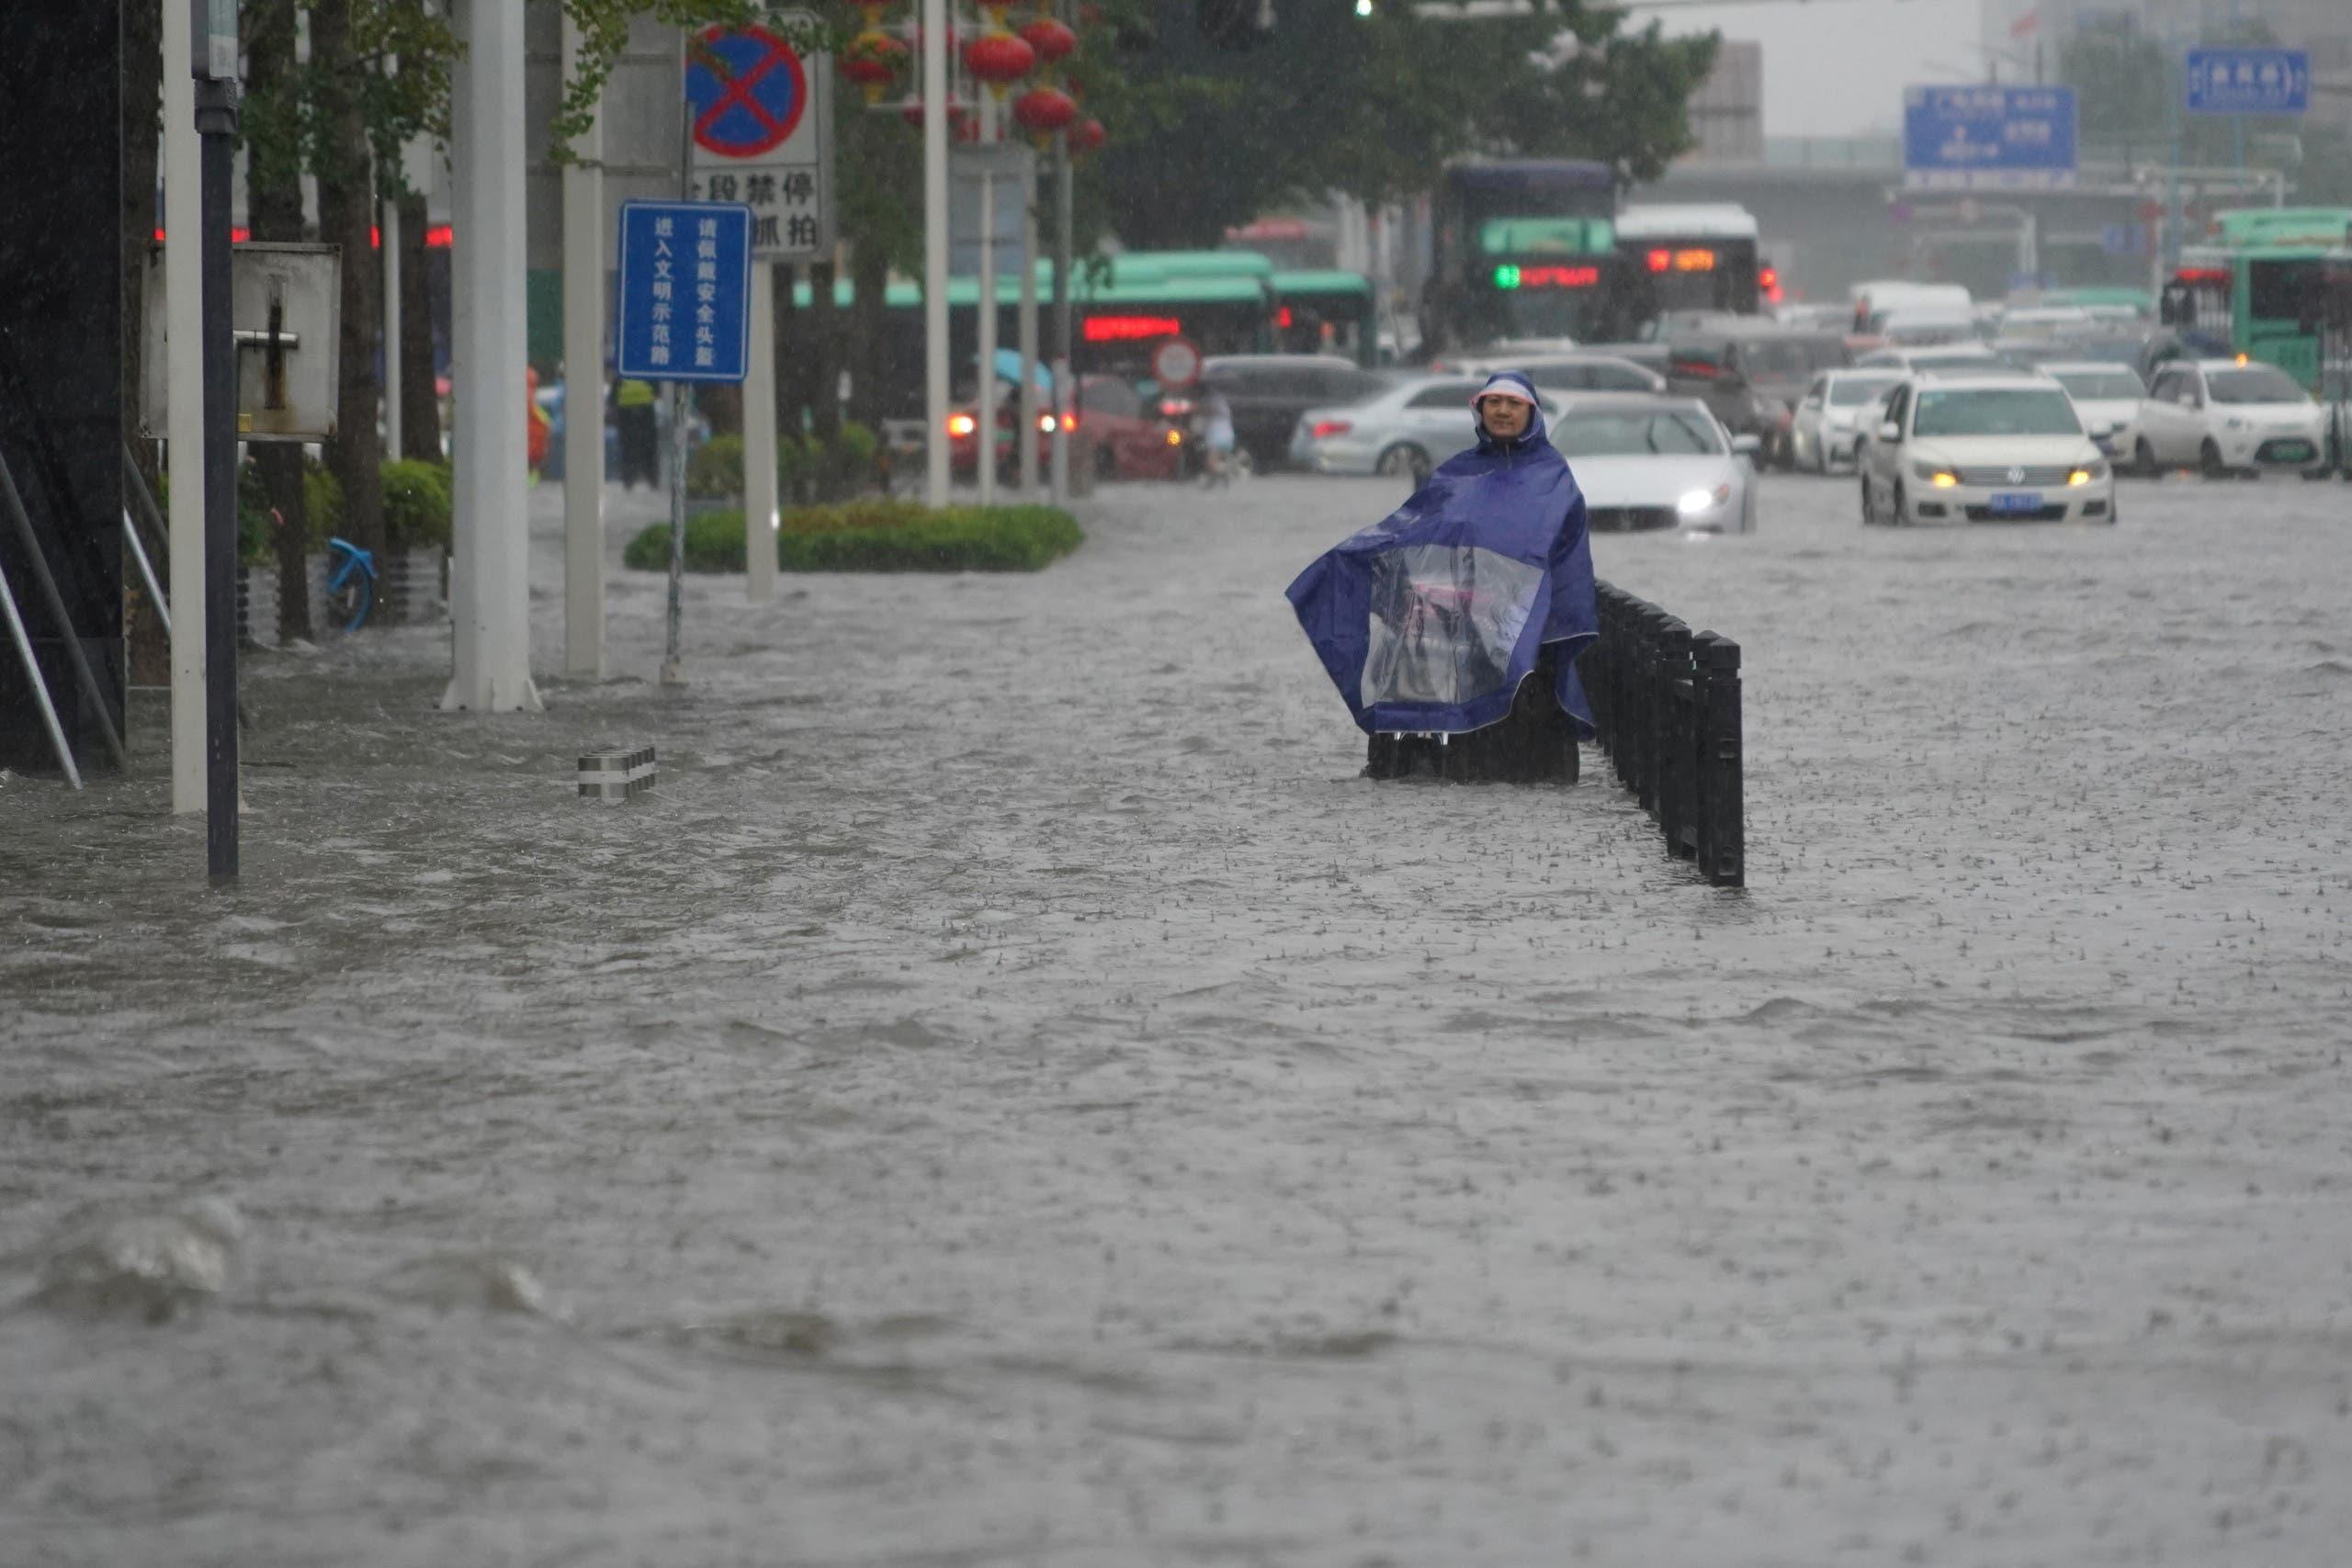 المياه تغمر الشوارع في تشنغتشو